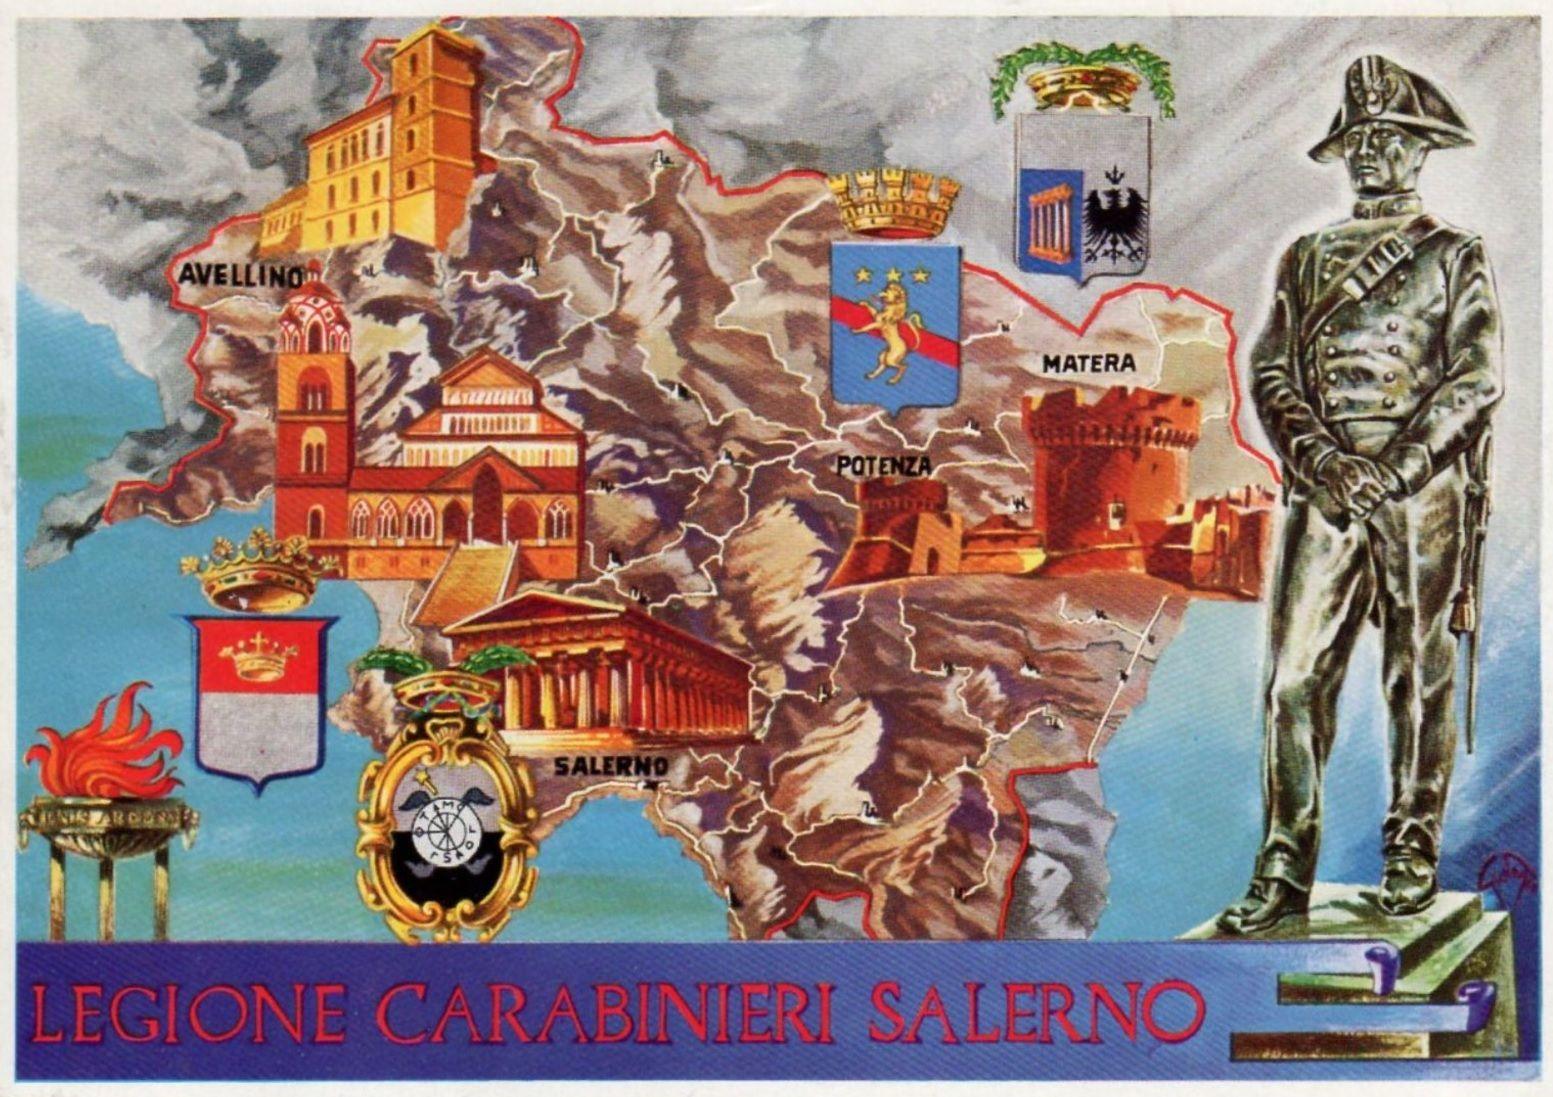 Legione Carabinieri Salerno